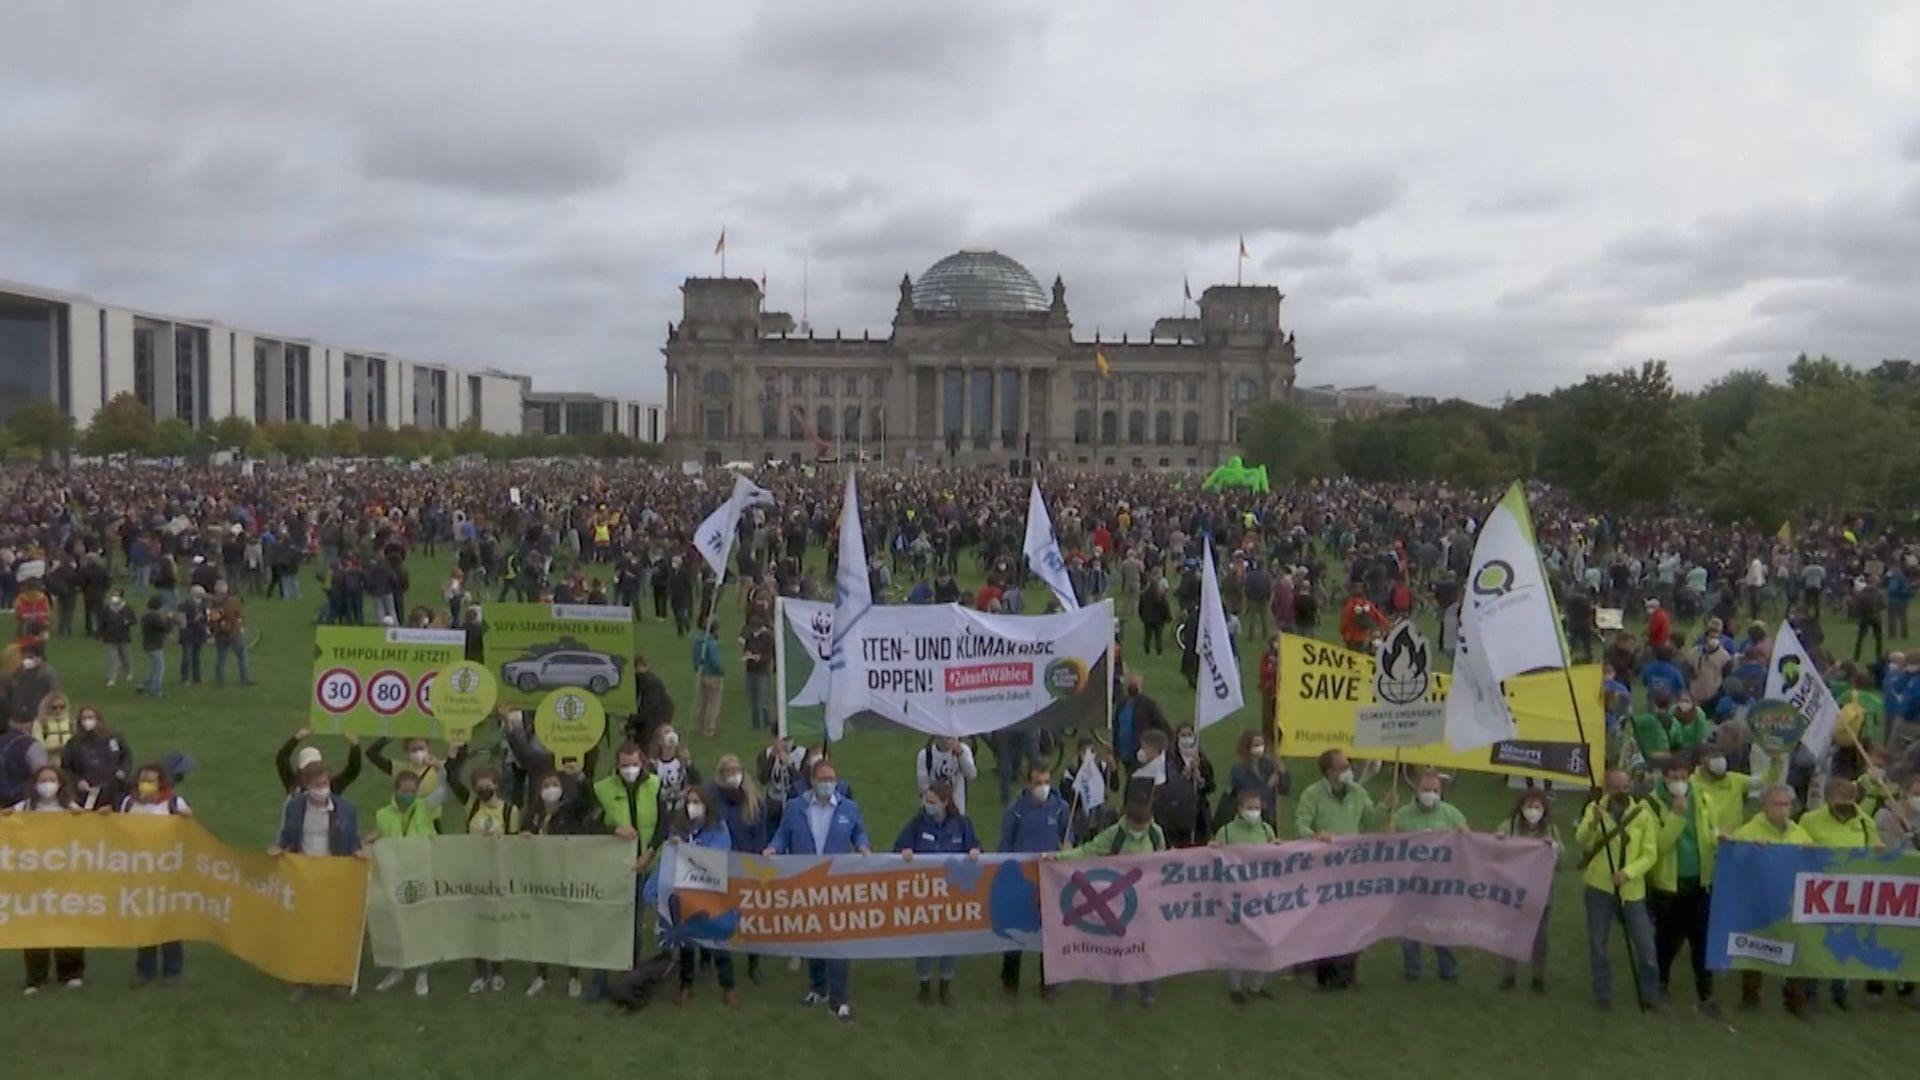 全球多處有示威 要求加強應對氣候變化